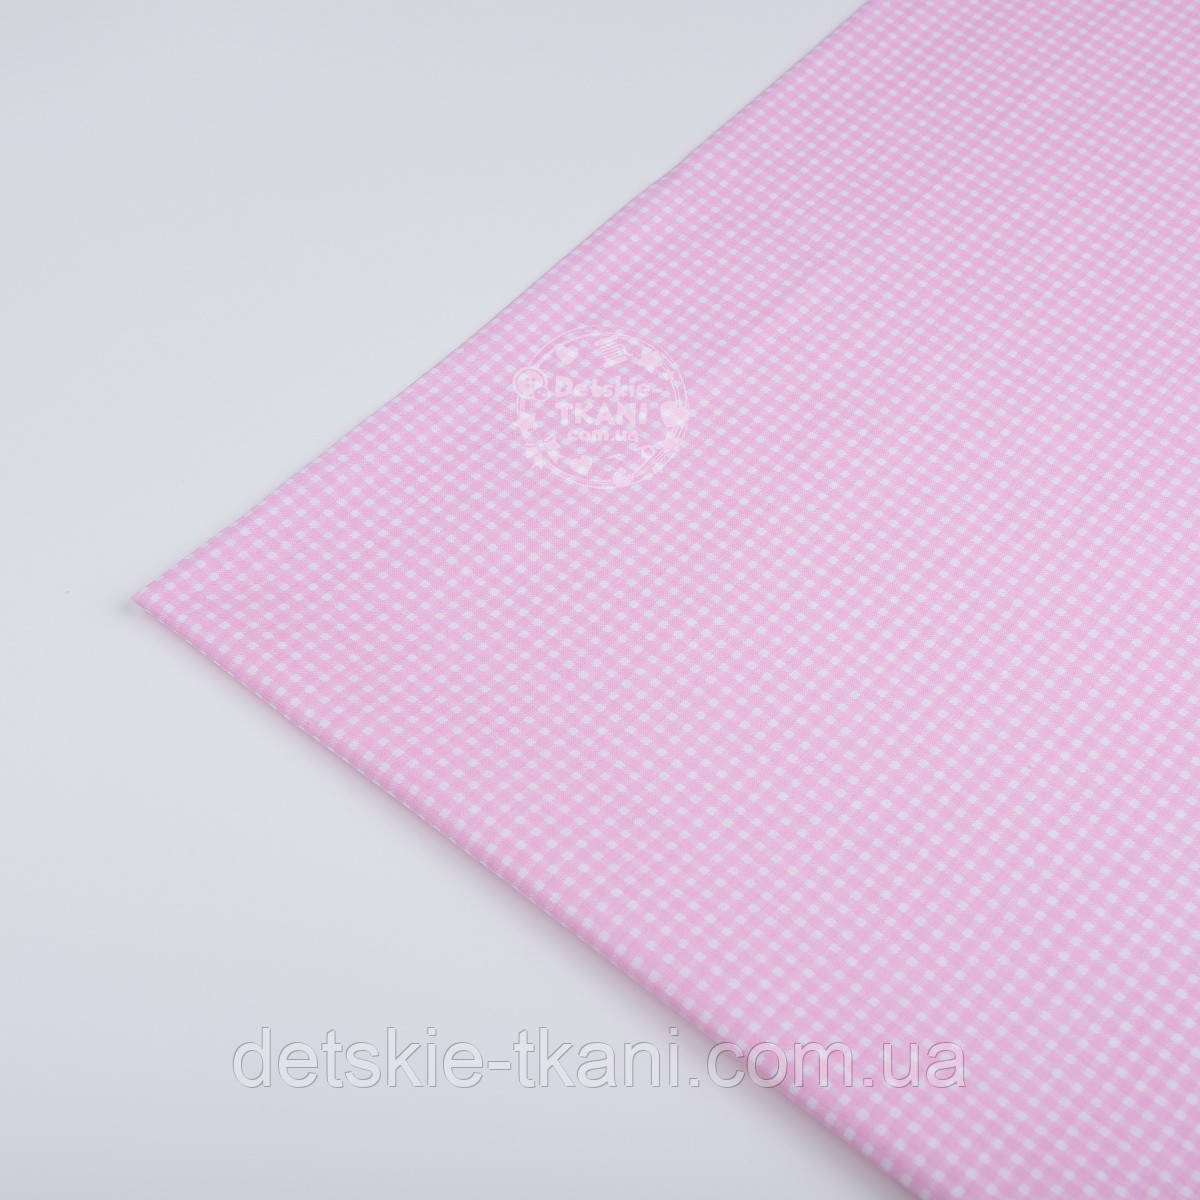 Лоскут ткани №61а  в мелкую розовою клеточку